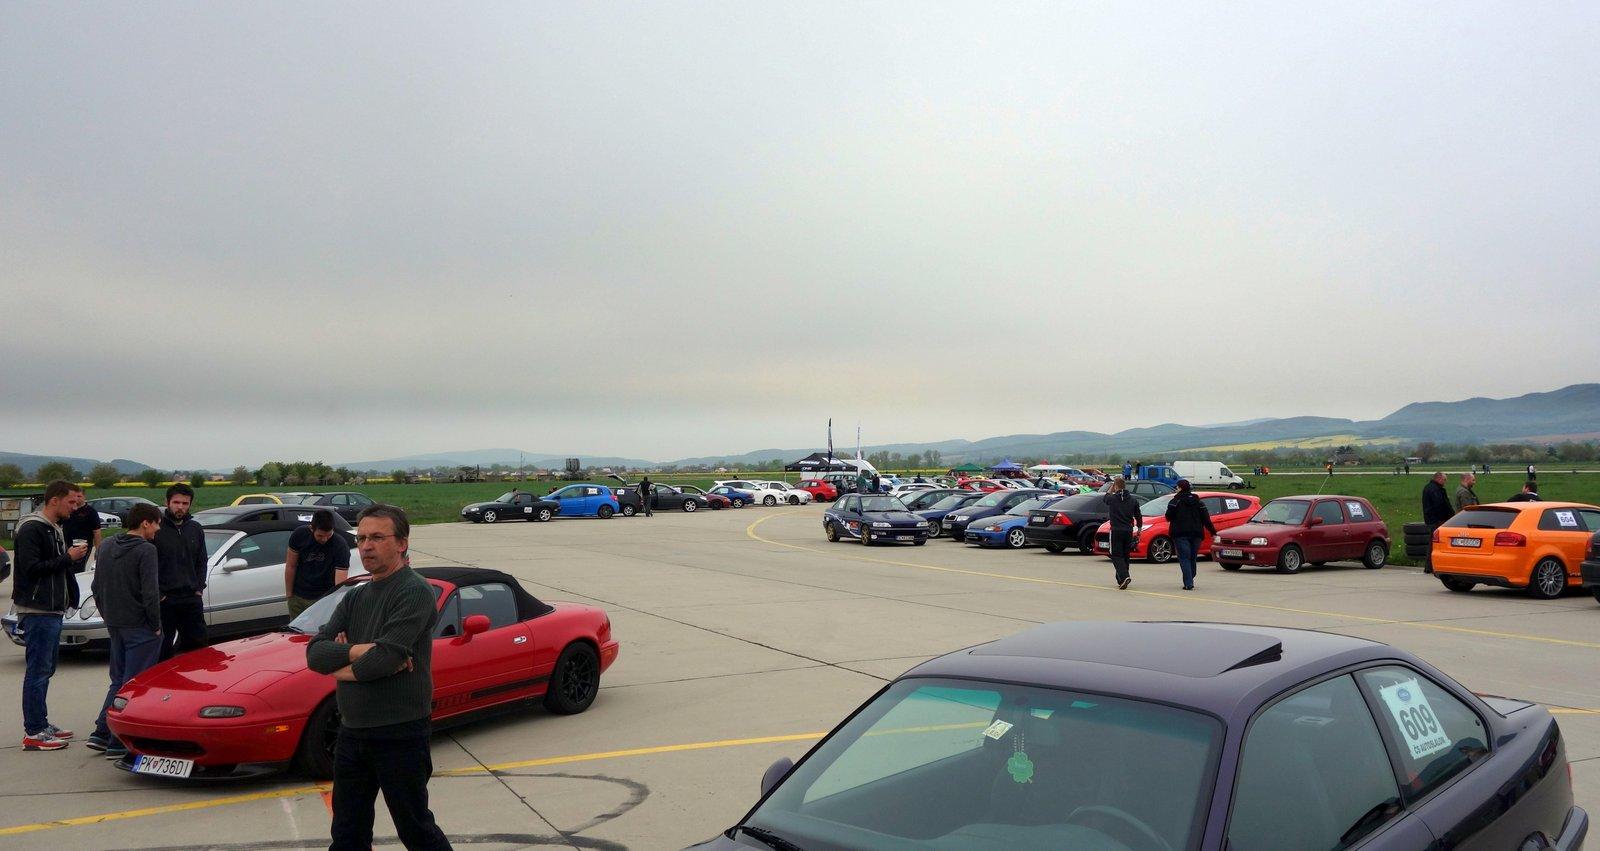 parkoviště s auty